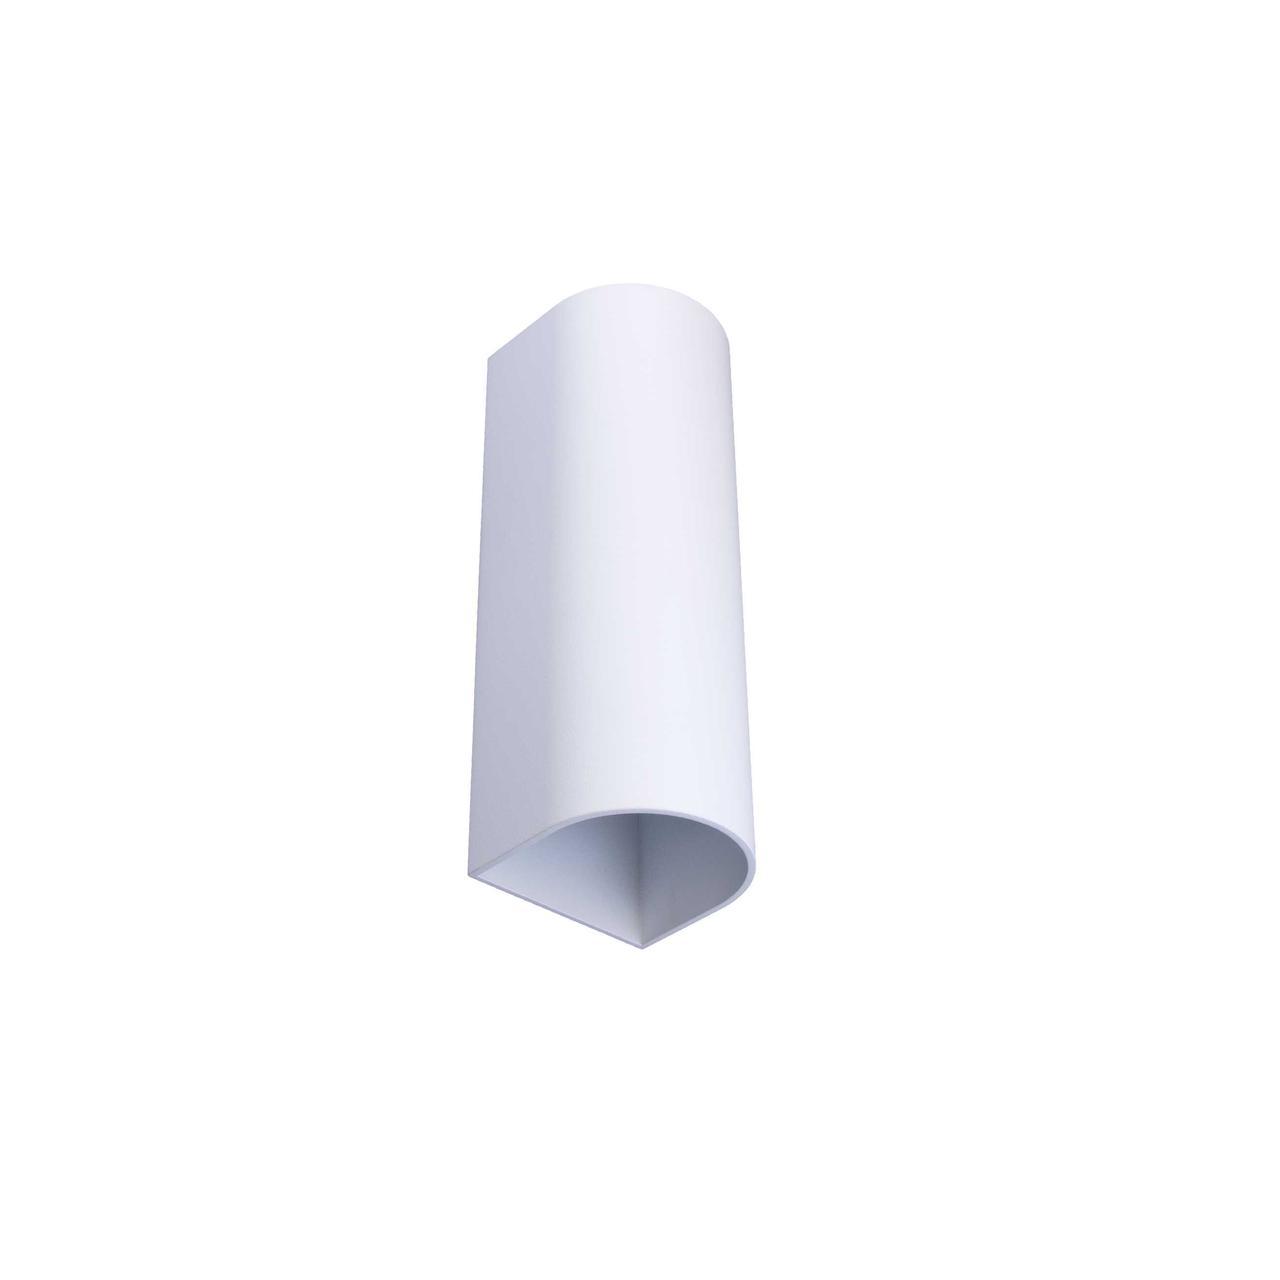 Бра Хай-Тек белое WL1608 WH